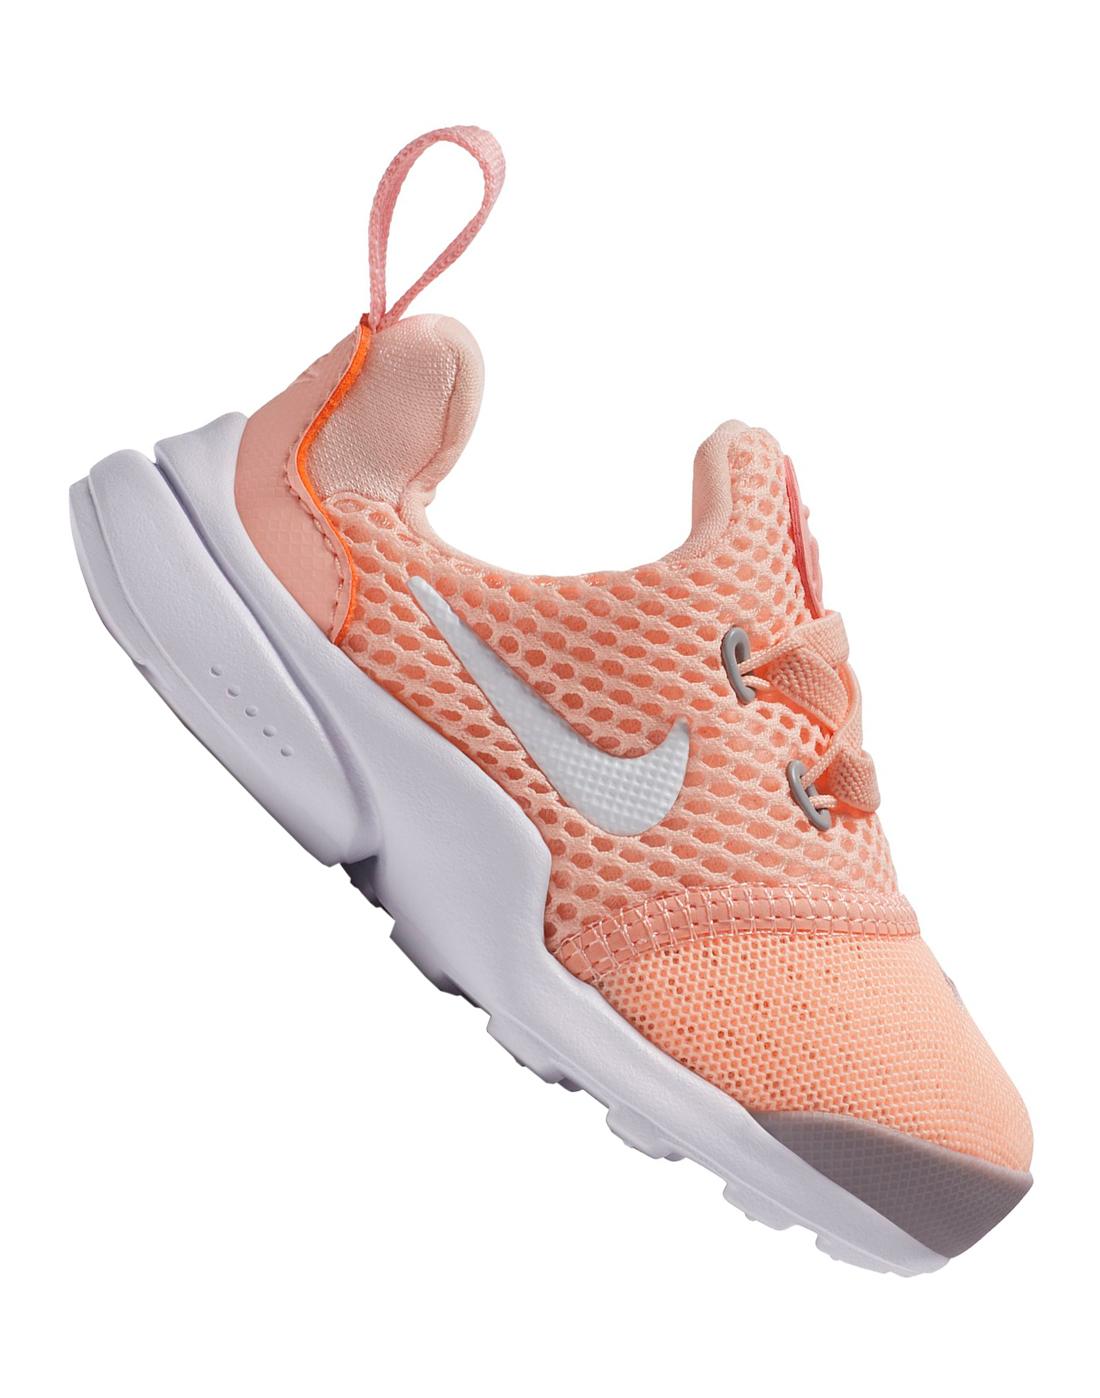 Nike Infant Girls Presto Fly - Pink